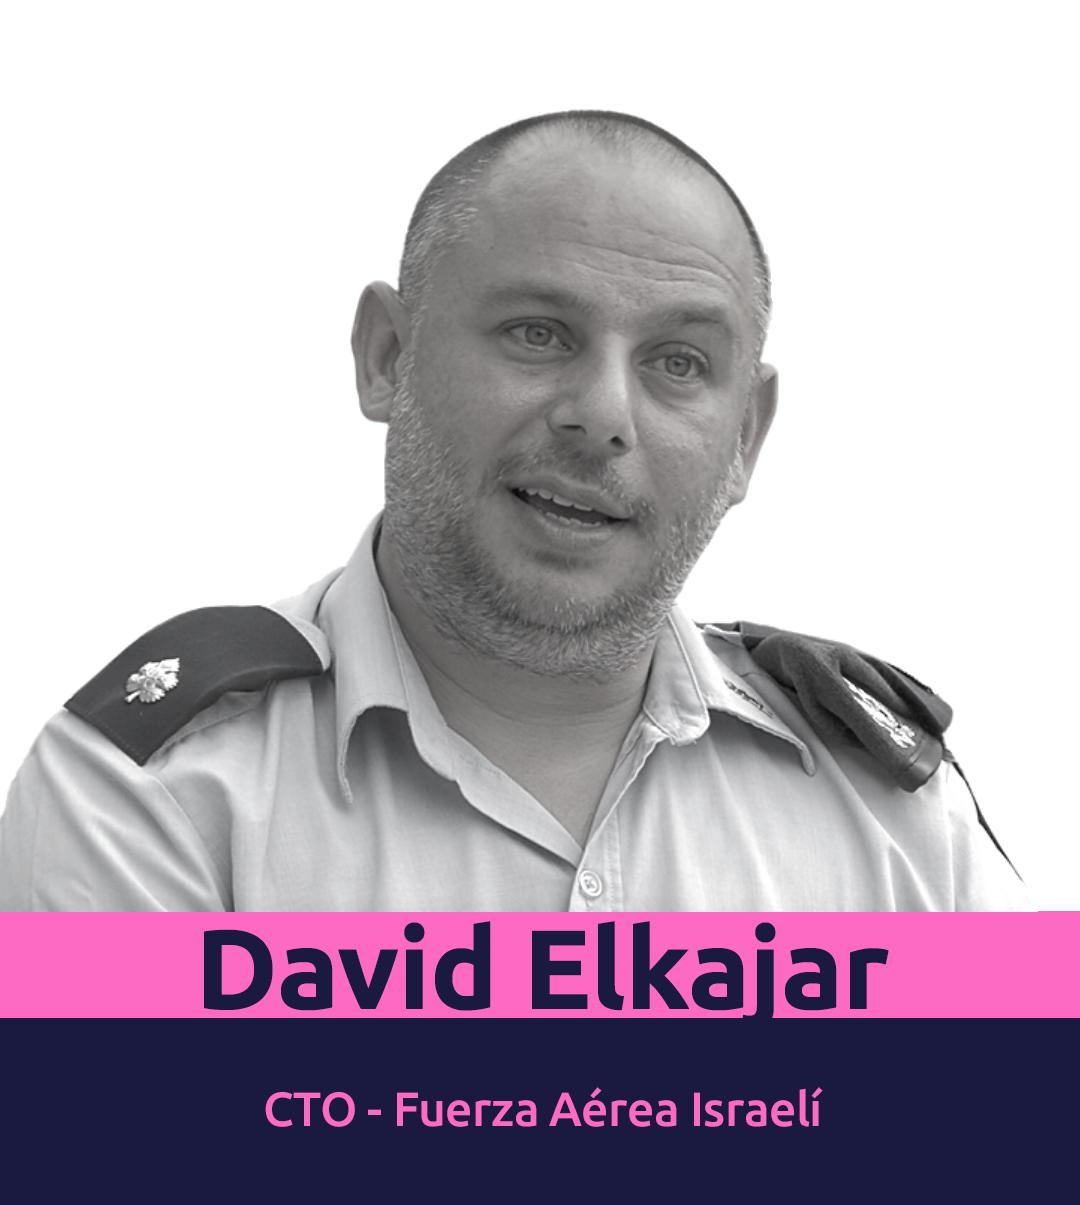 David Elkajar